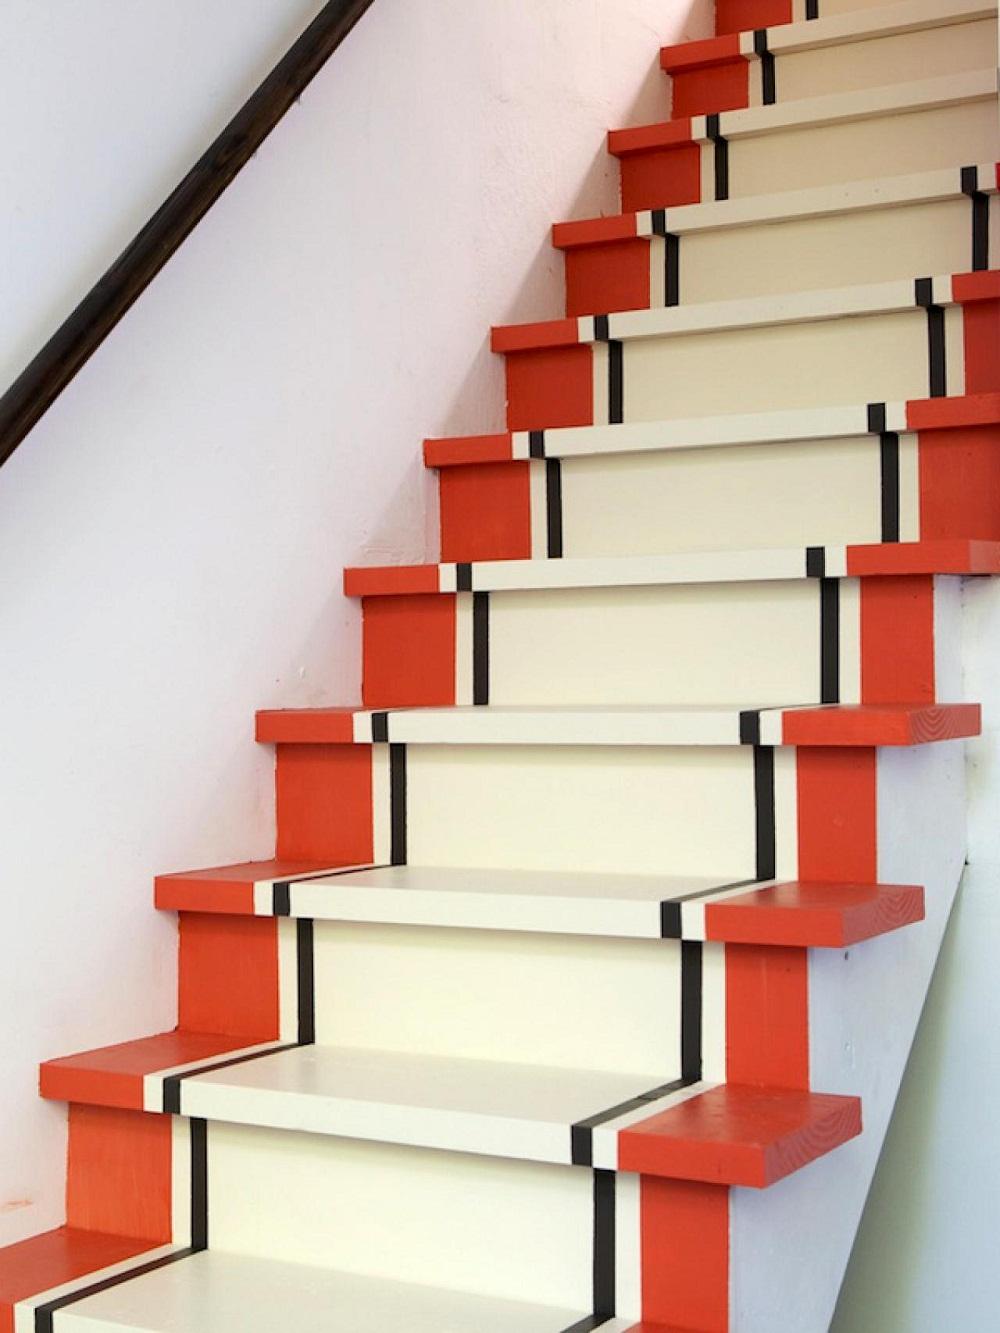 Trang trí cầu thang